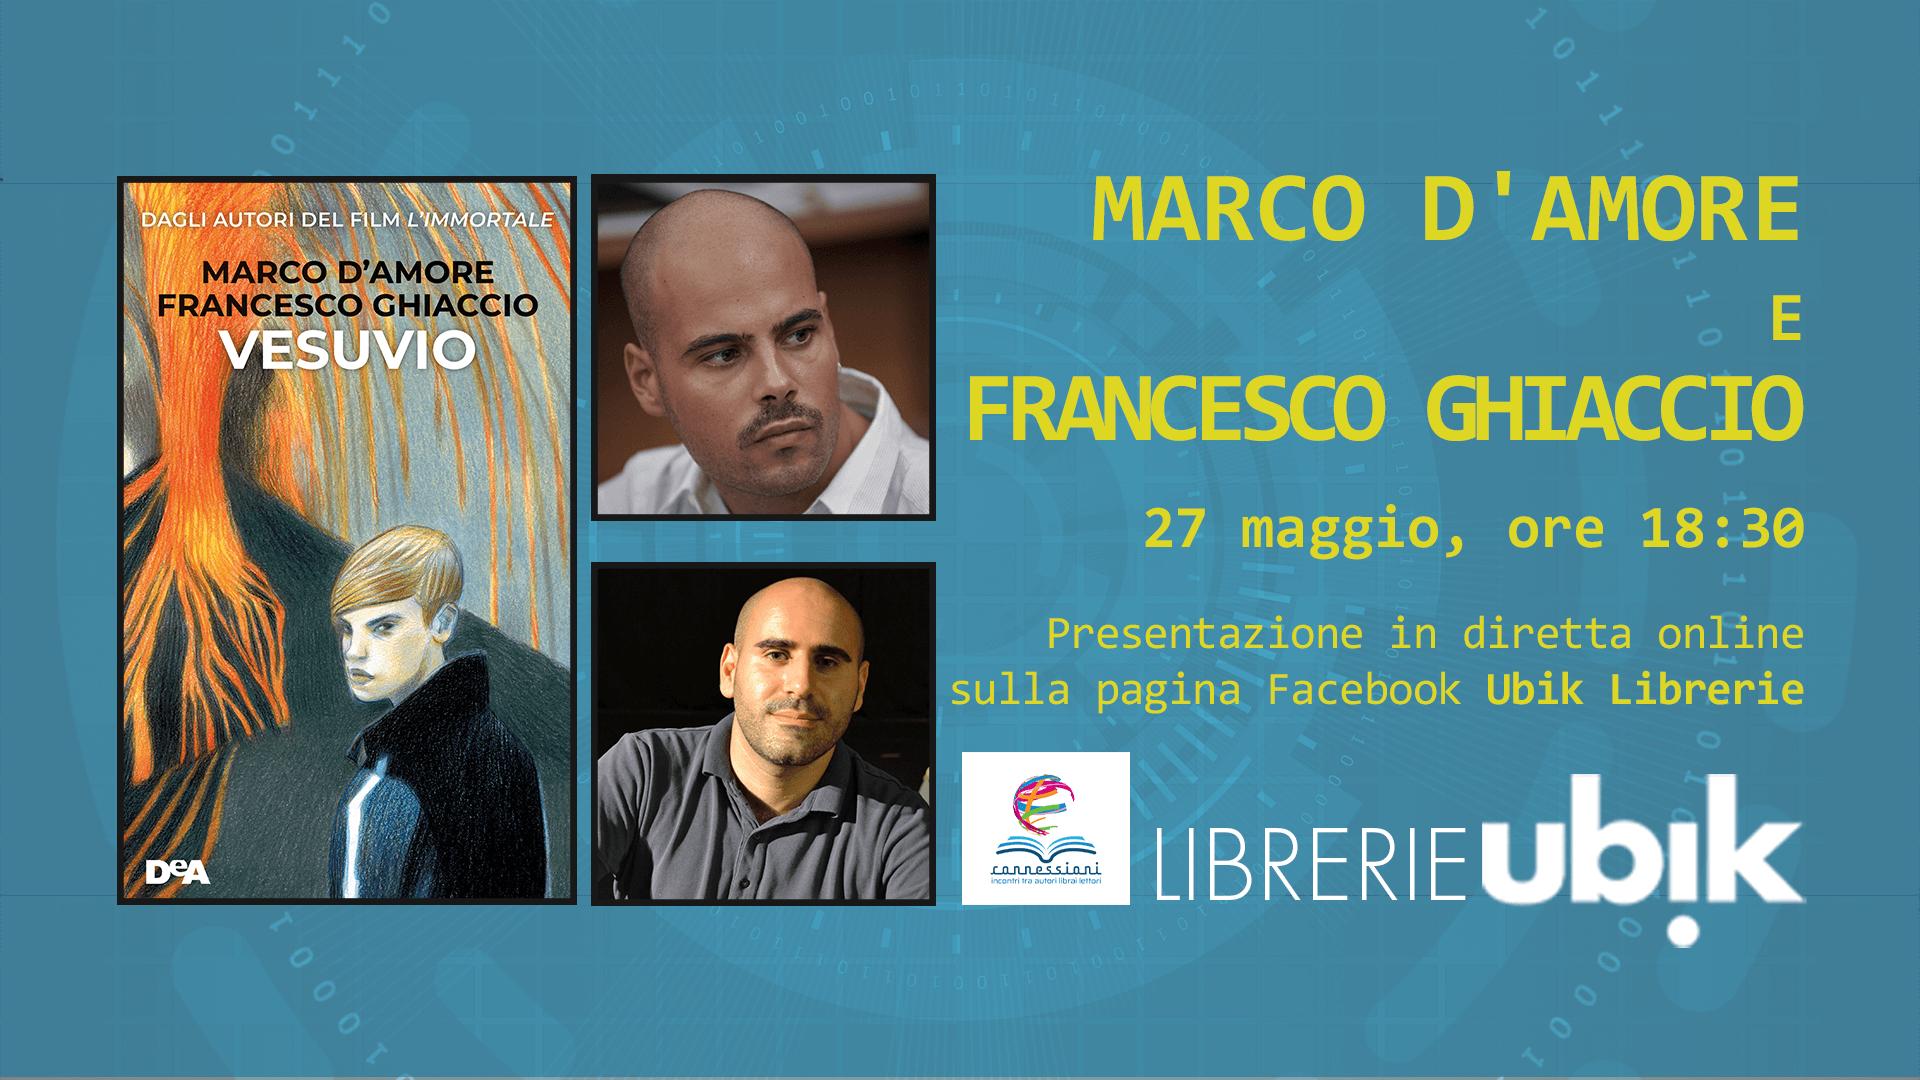 MARCO D'AMORE e FRANCESCO GHIACCIO presentano in diretta online